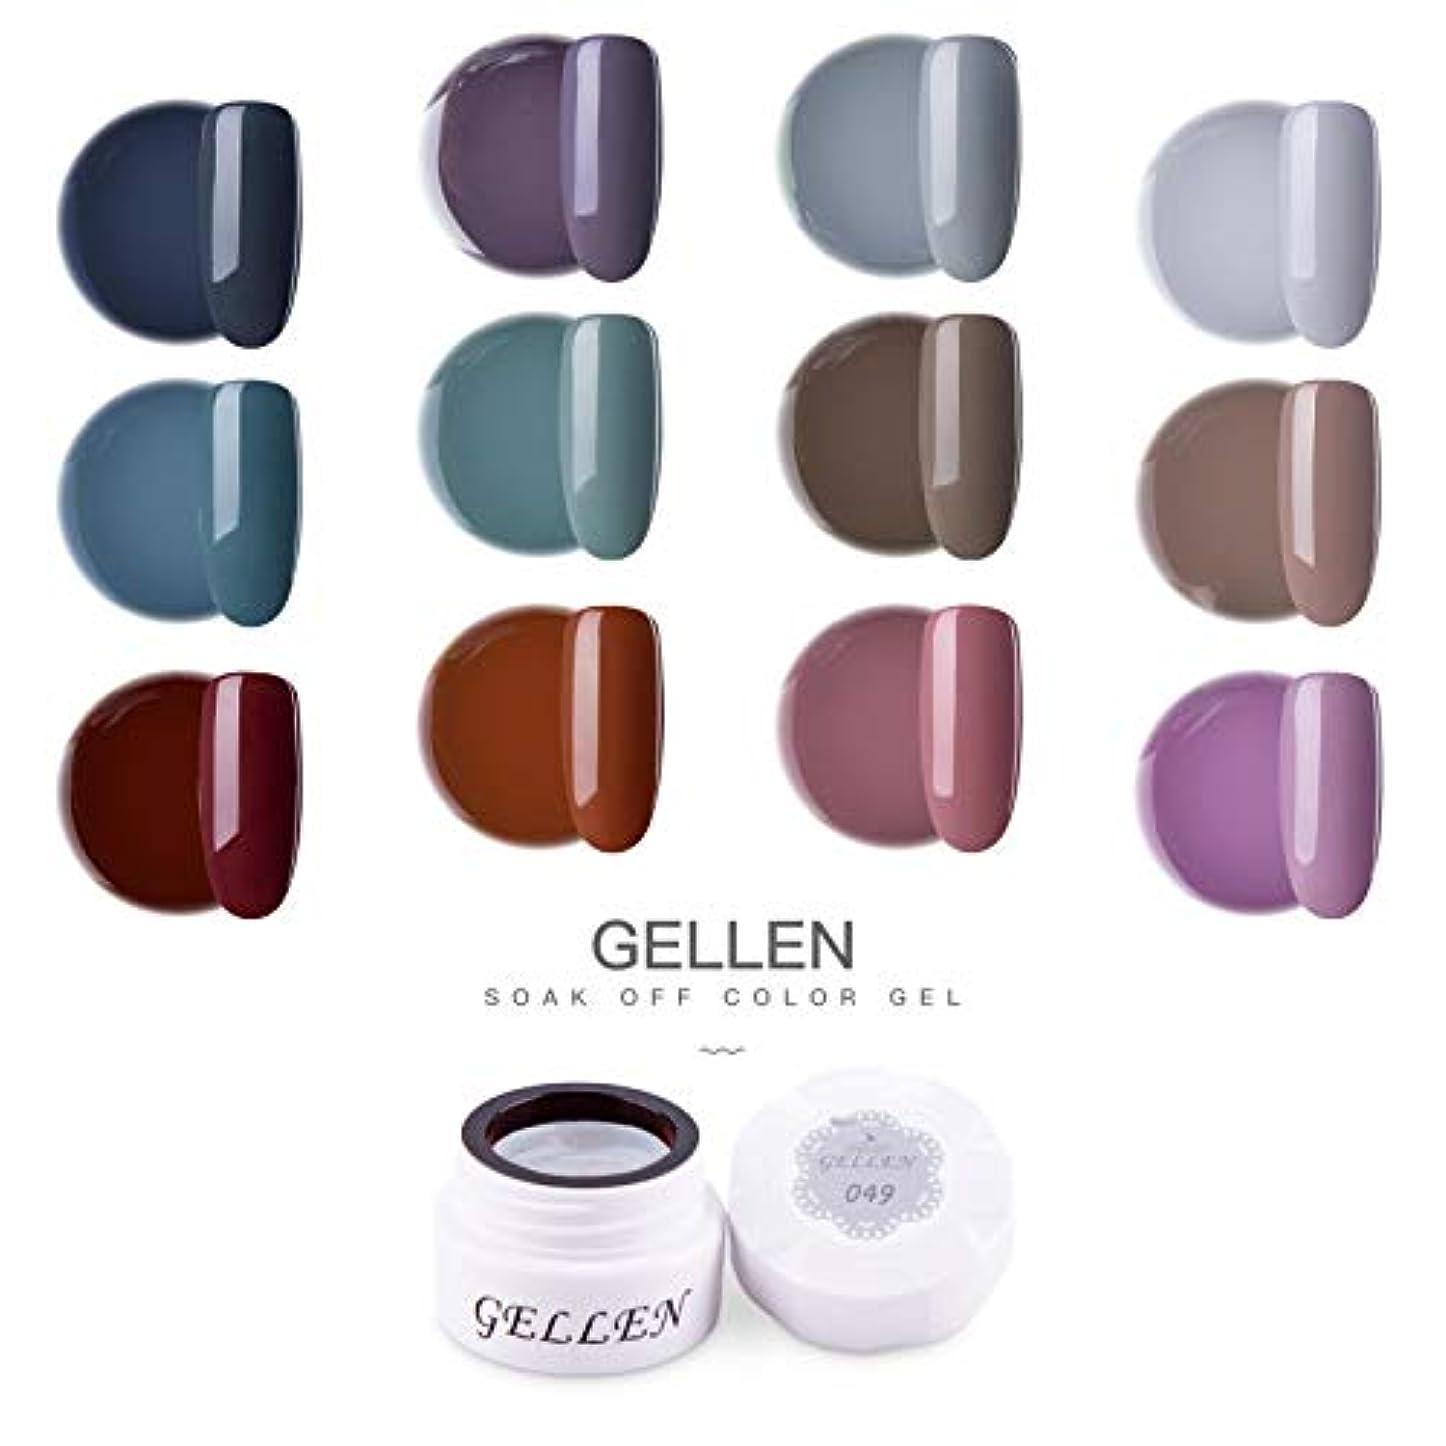 適応かすれた確認Gellen カラージェル 12色 セット[クラッシク シリーズ]高品質 5g ジェルネイル カラー ネイルブラシ付き